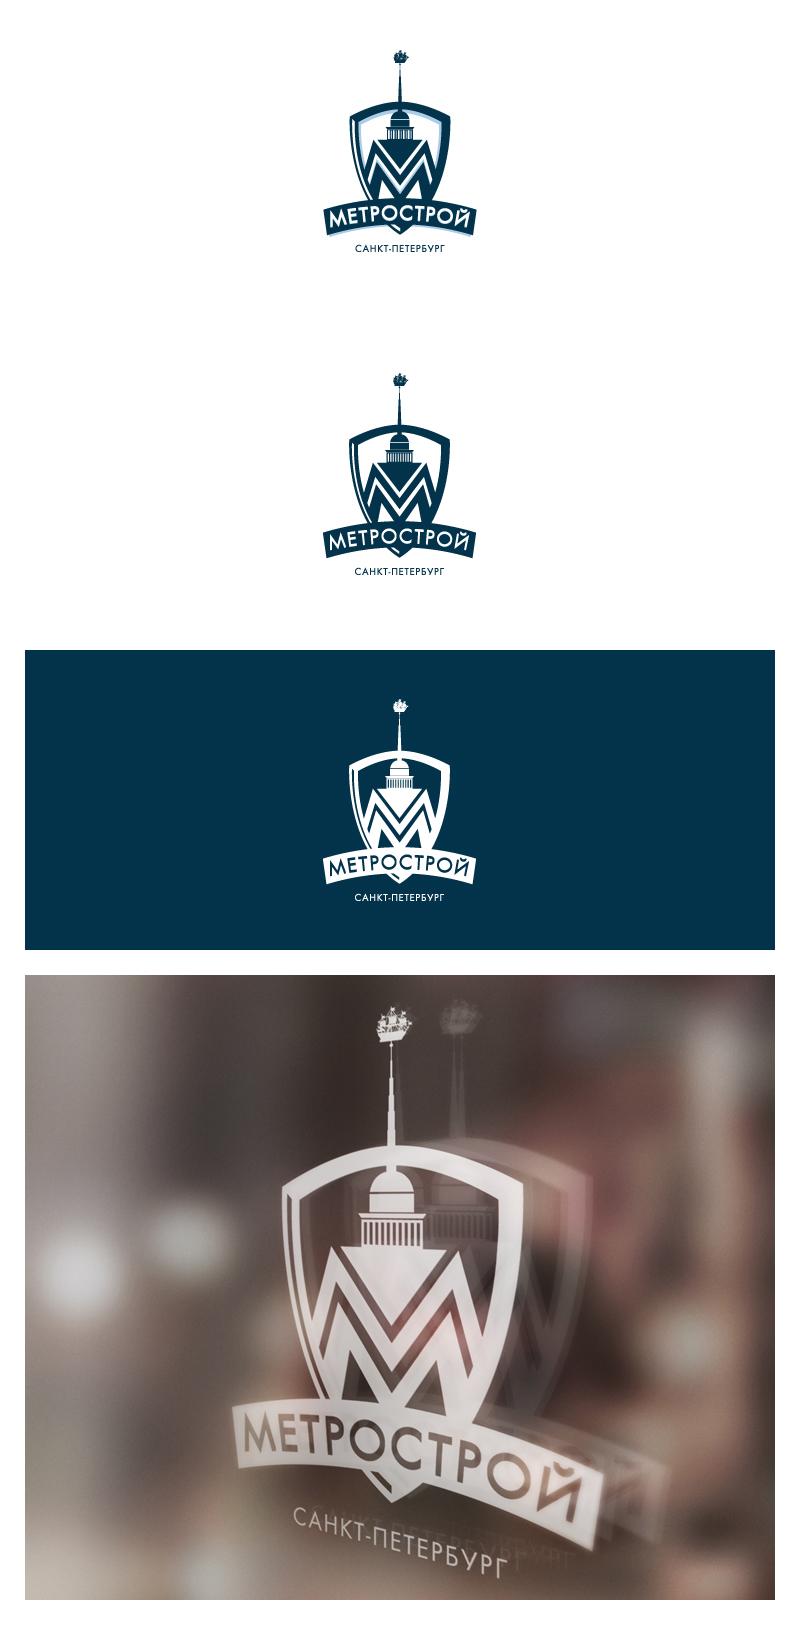 לוגו עיצוב Metrostroy סנט פטרסבורג